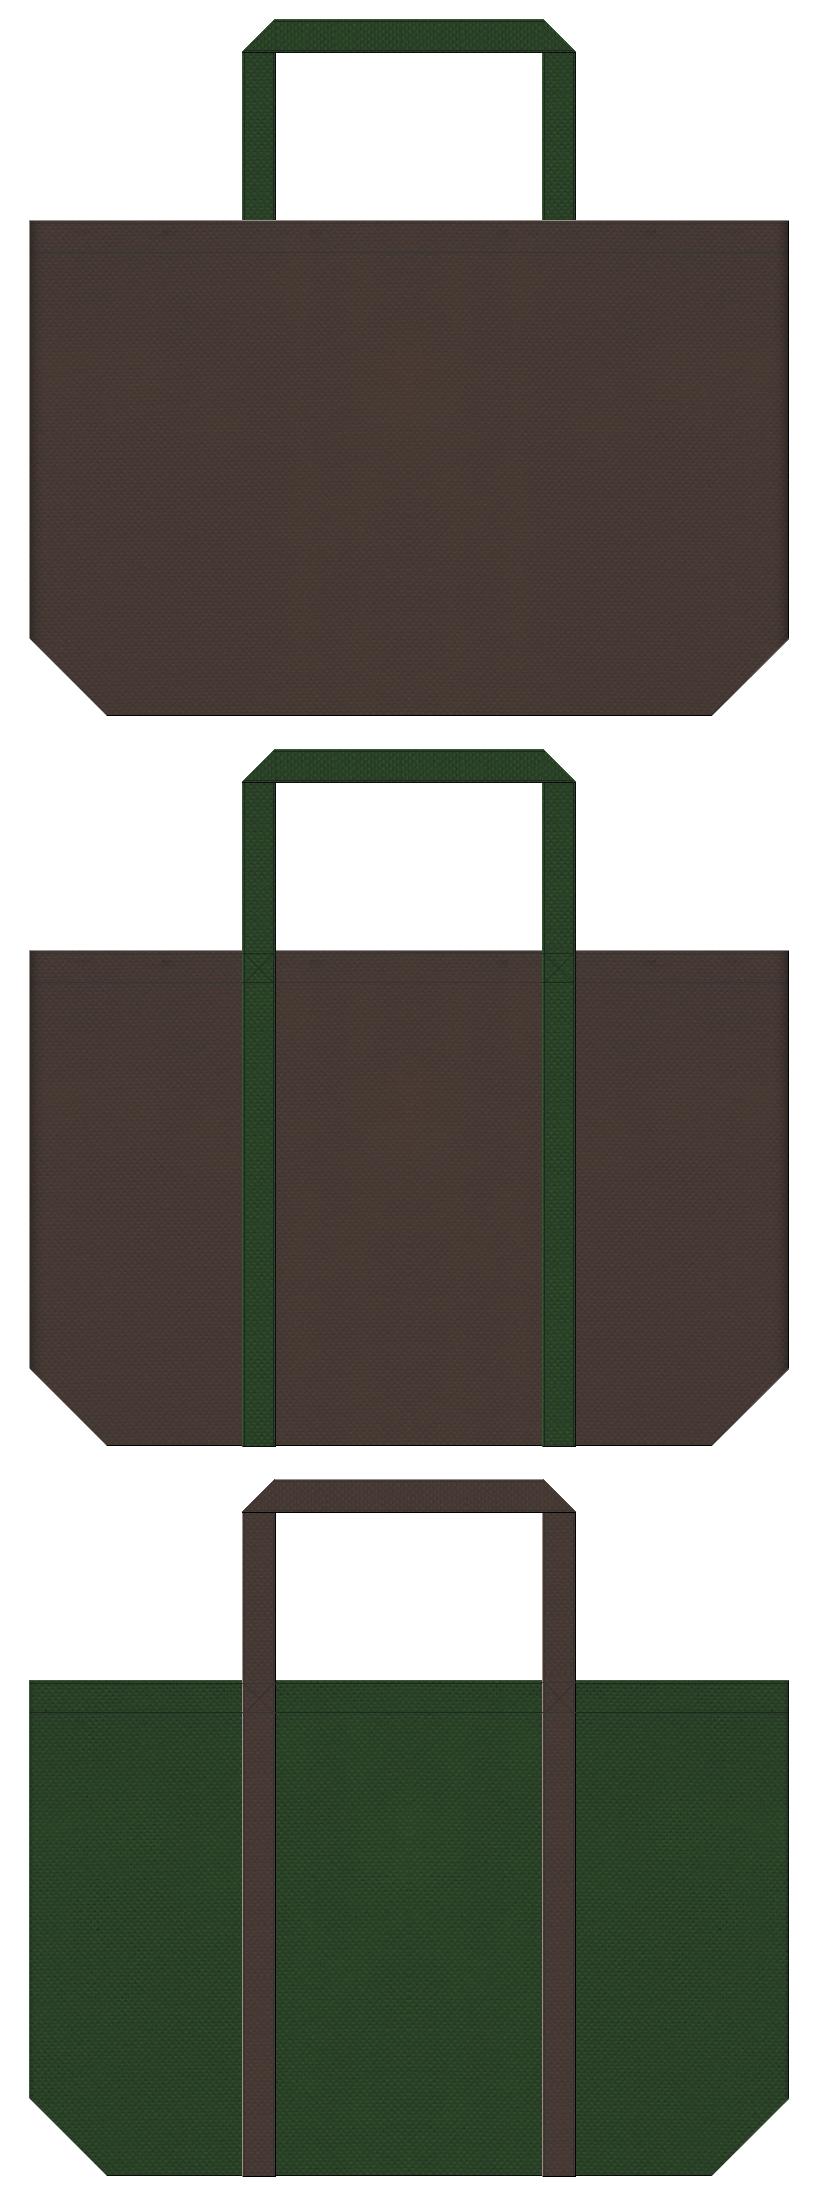 迷彩色・密林・アマゾン・ジャングル・探検・アニマル・恐竜・ゲーム・アミューズメント・テーマパーク・植物園・観葉植物・メンズ・アウトドア・キャンプ用品のショッピングバッグにお奨めの不織布バッグデザイン:こげ茶色と濃緑色のコーデ